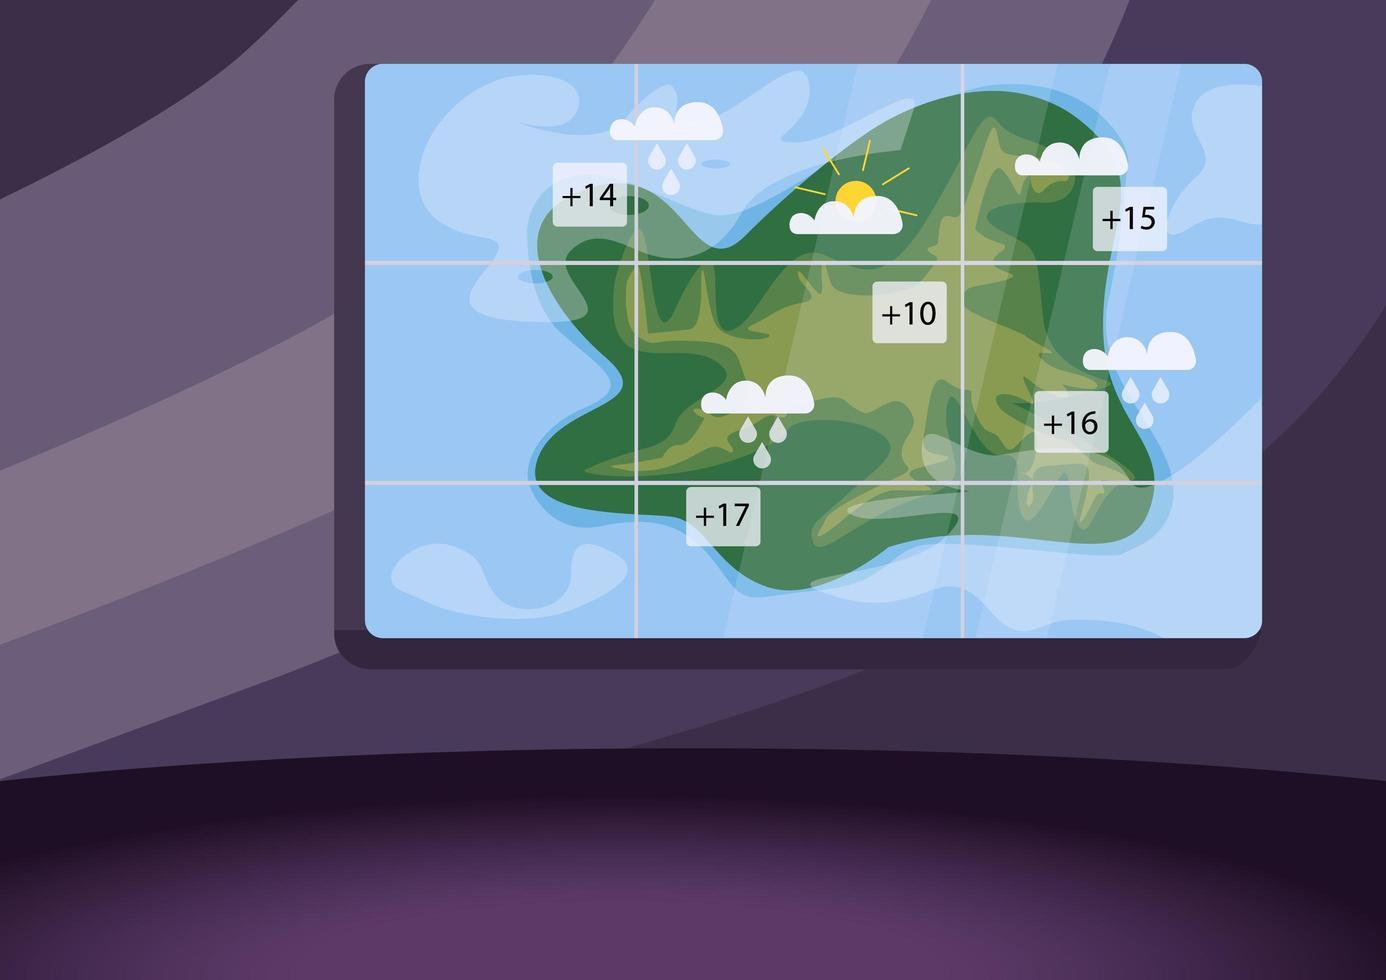 studio de prévisions météorologiques vecteur